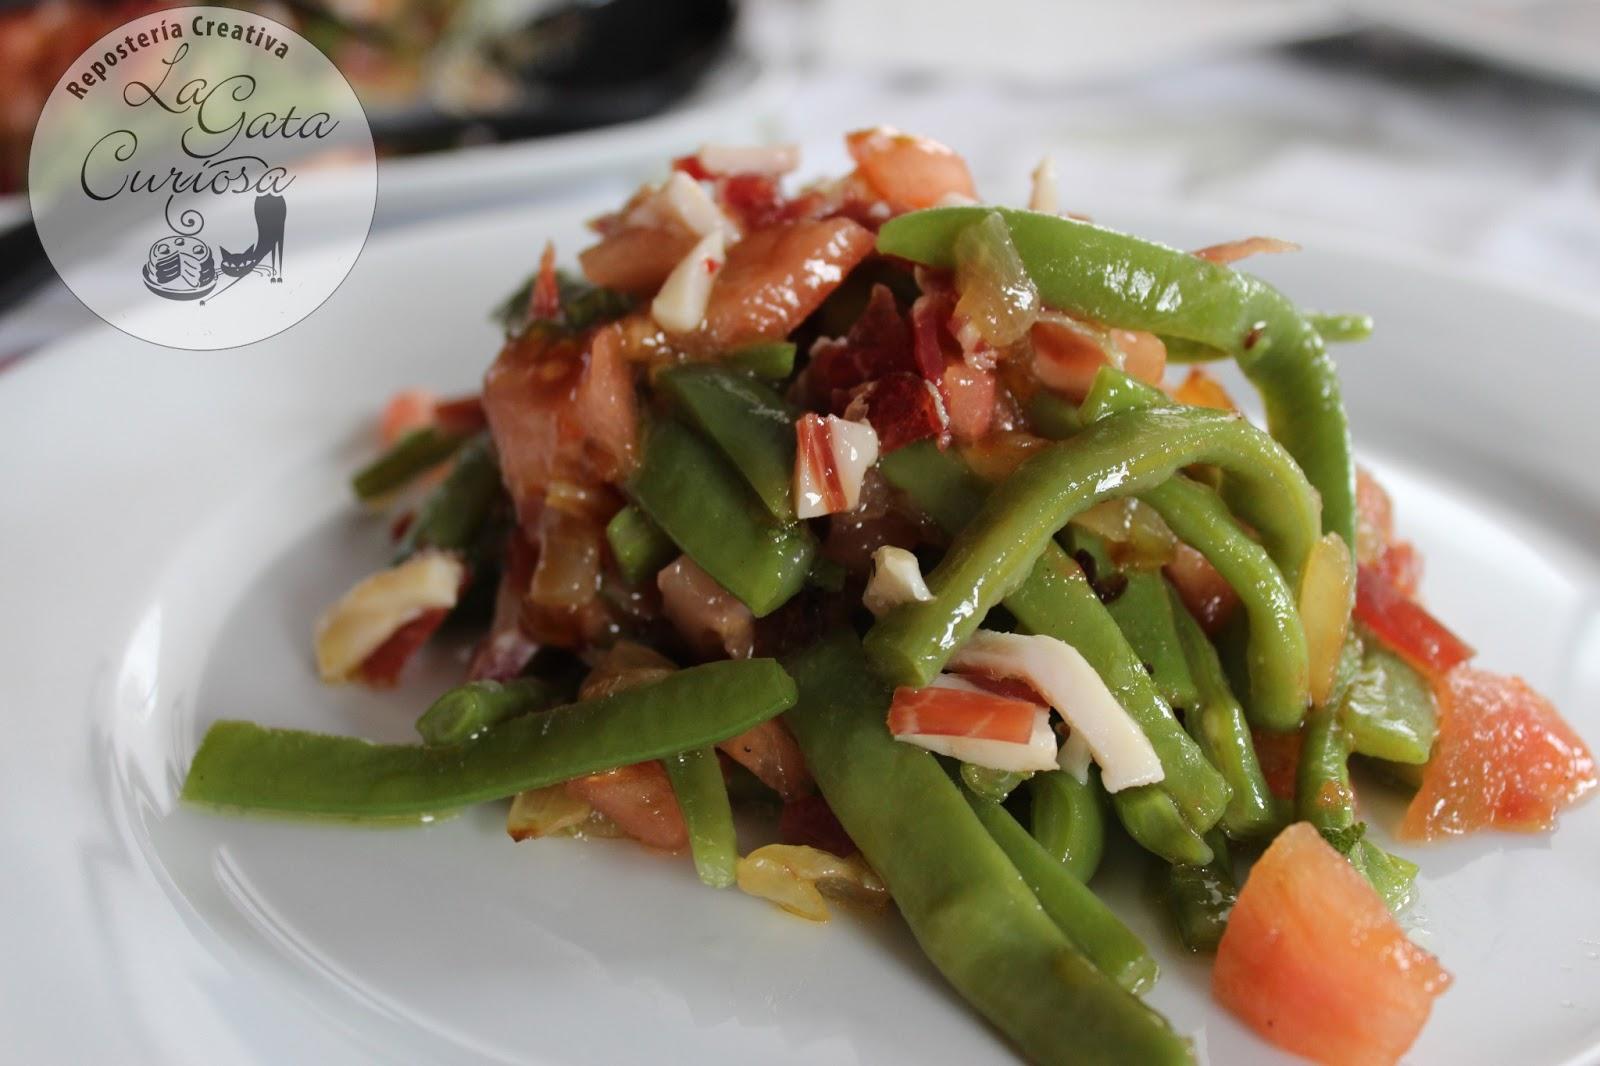 La gata curiosa ensalada de judias verdes con jamon - Ensalada de judias verdes arguinano ...